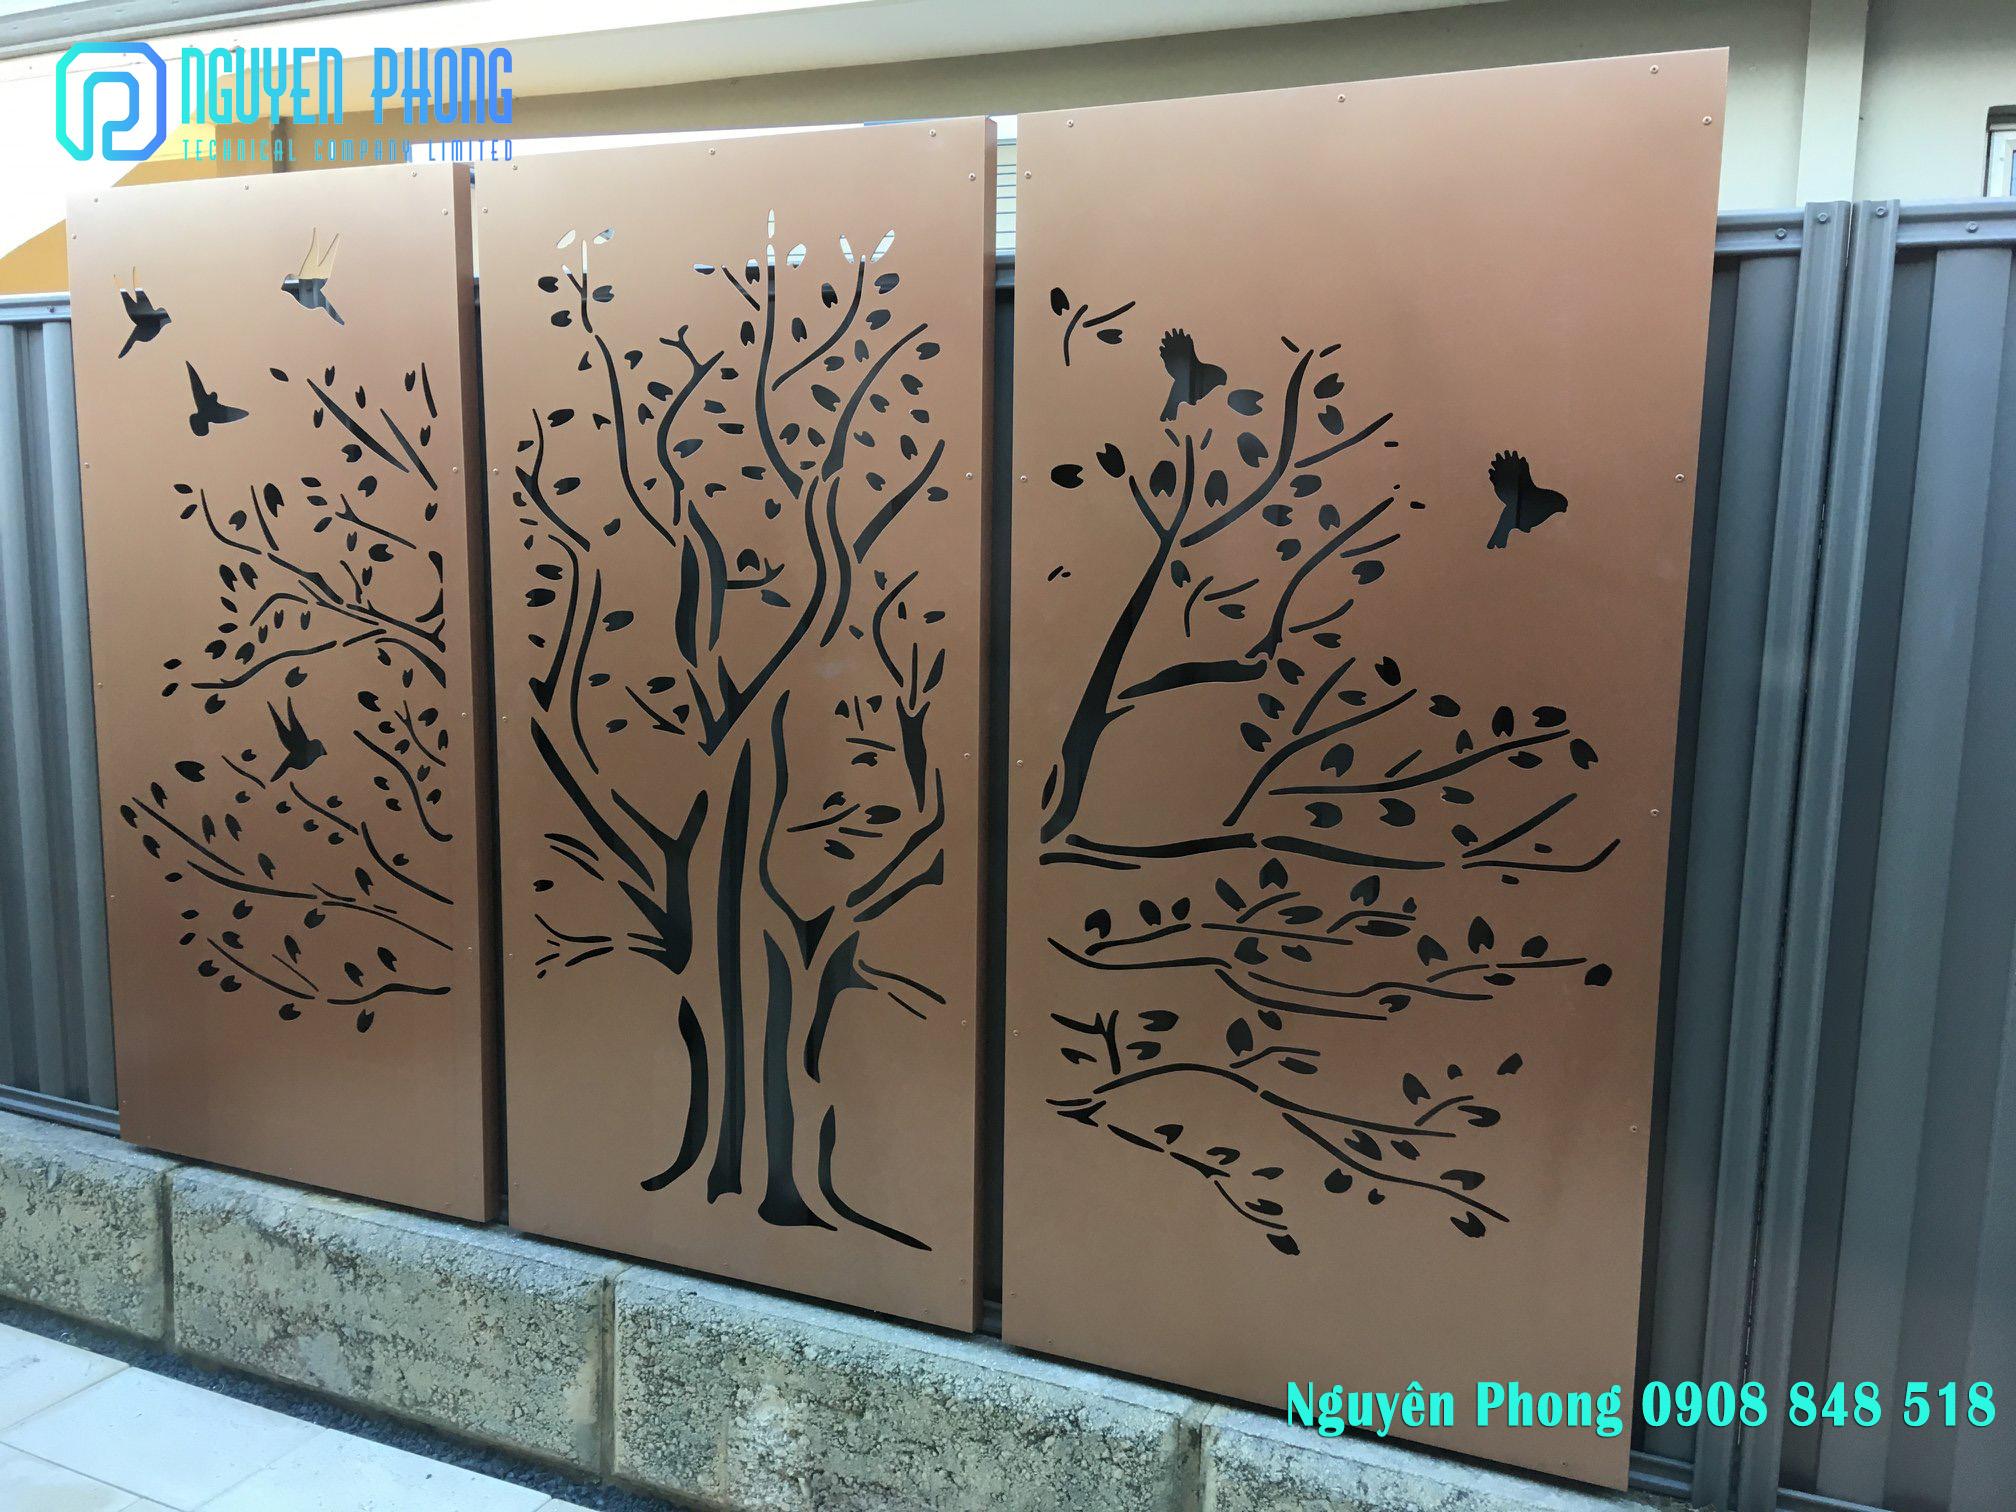 Tấm Panel trang trí cắt CNC sang trọng cho ngôi nhà bạn